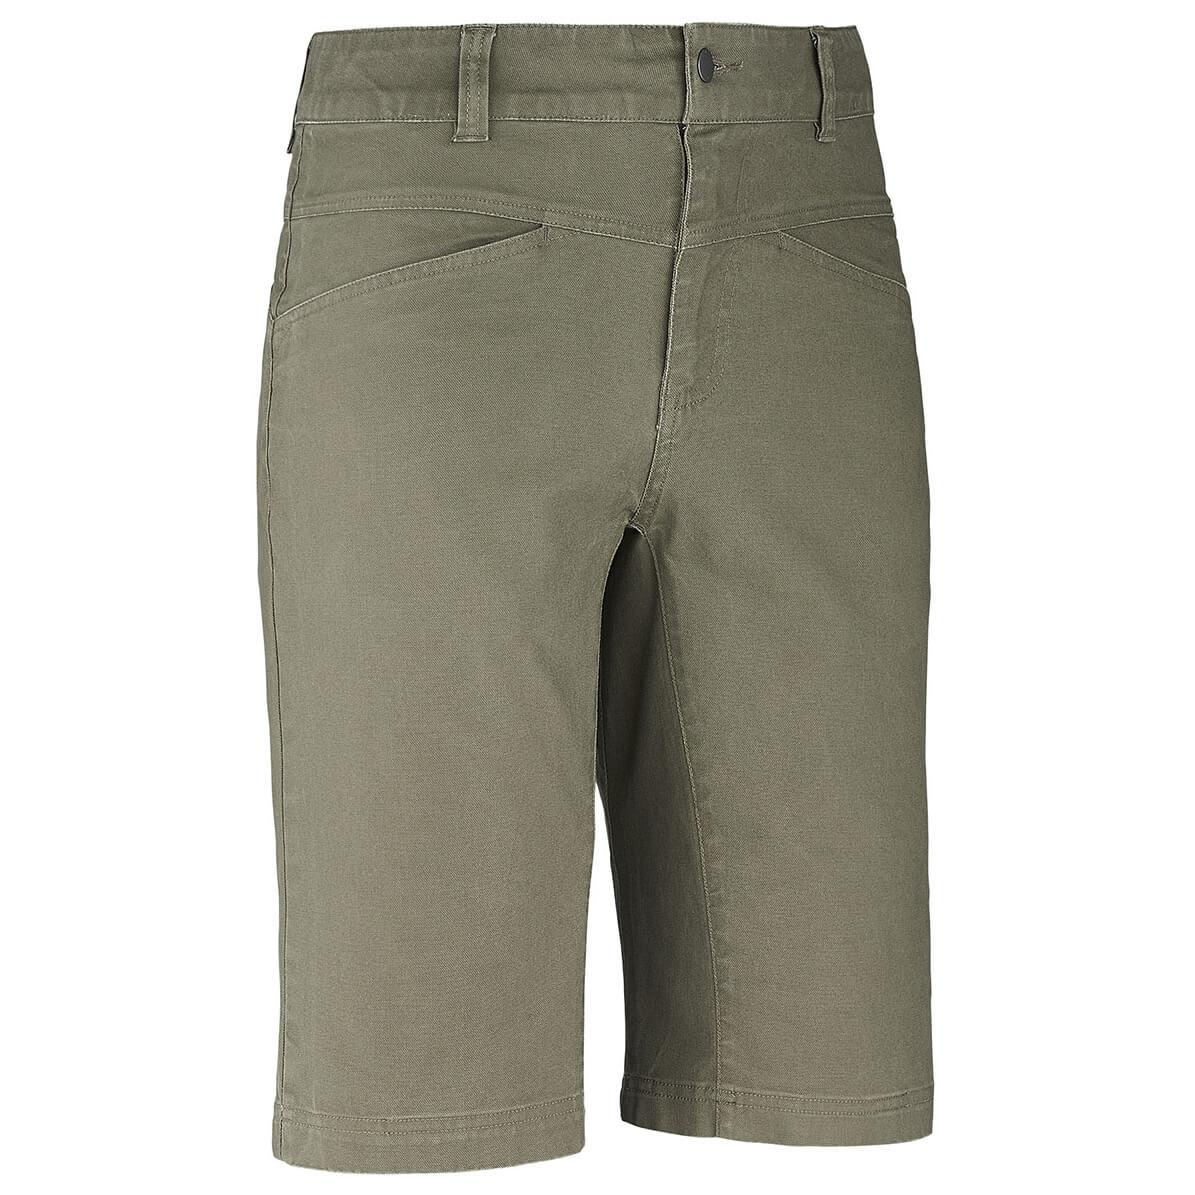 1ddfd64317568 Millet Imperador Bermuda - Pantalones cortos Hombre